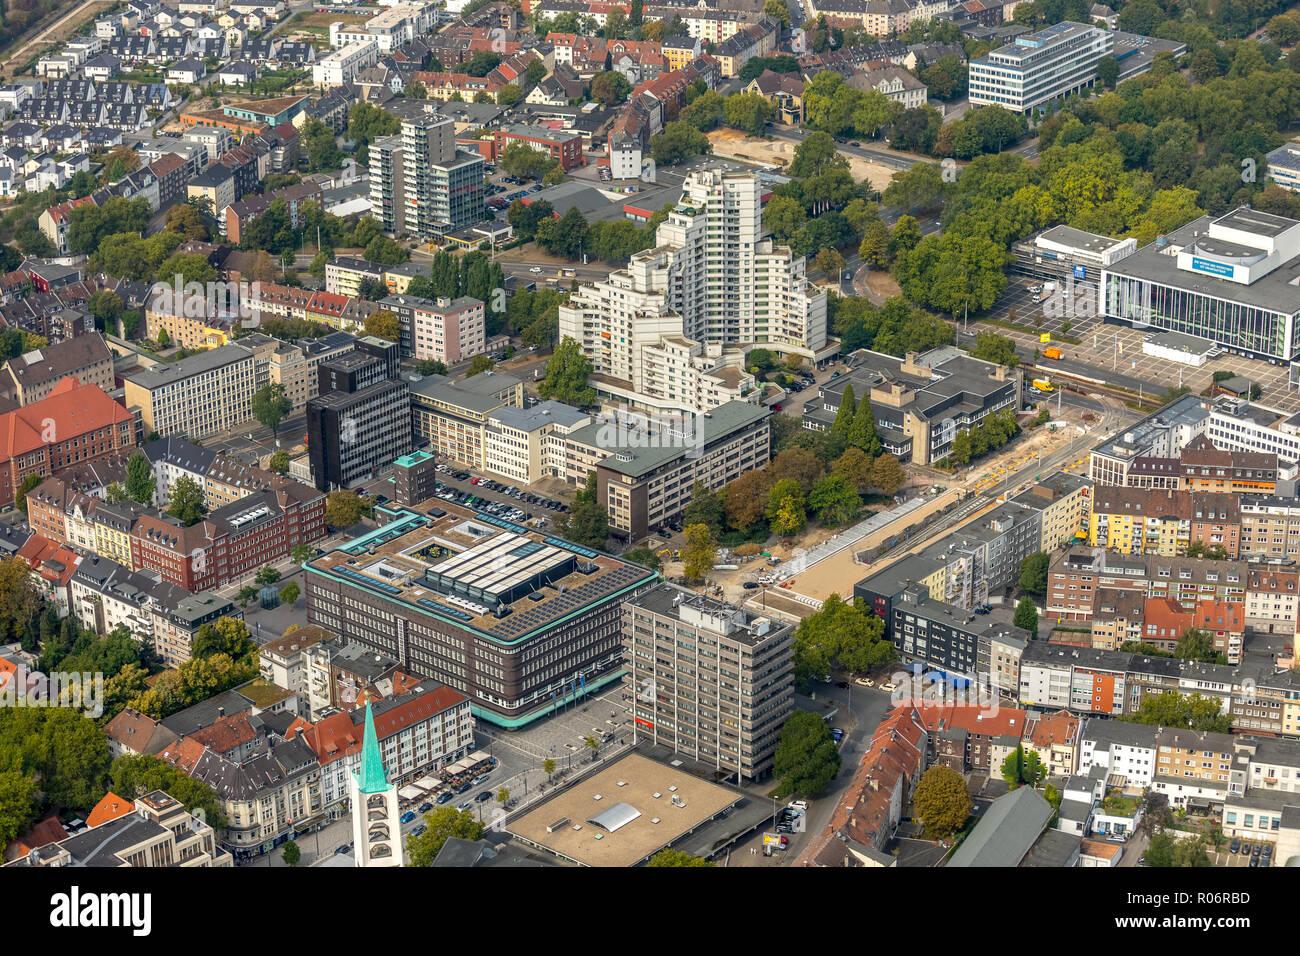 Stadtmitte Gelsenkirchen between Hans-Sachs-Haus and Musiktheater MiR, new bus station, Ebertstraße, Rathaus Gelsenkirchen, residential tower Weißer R - Stock Image